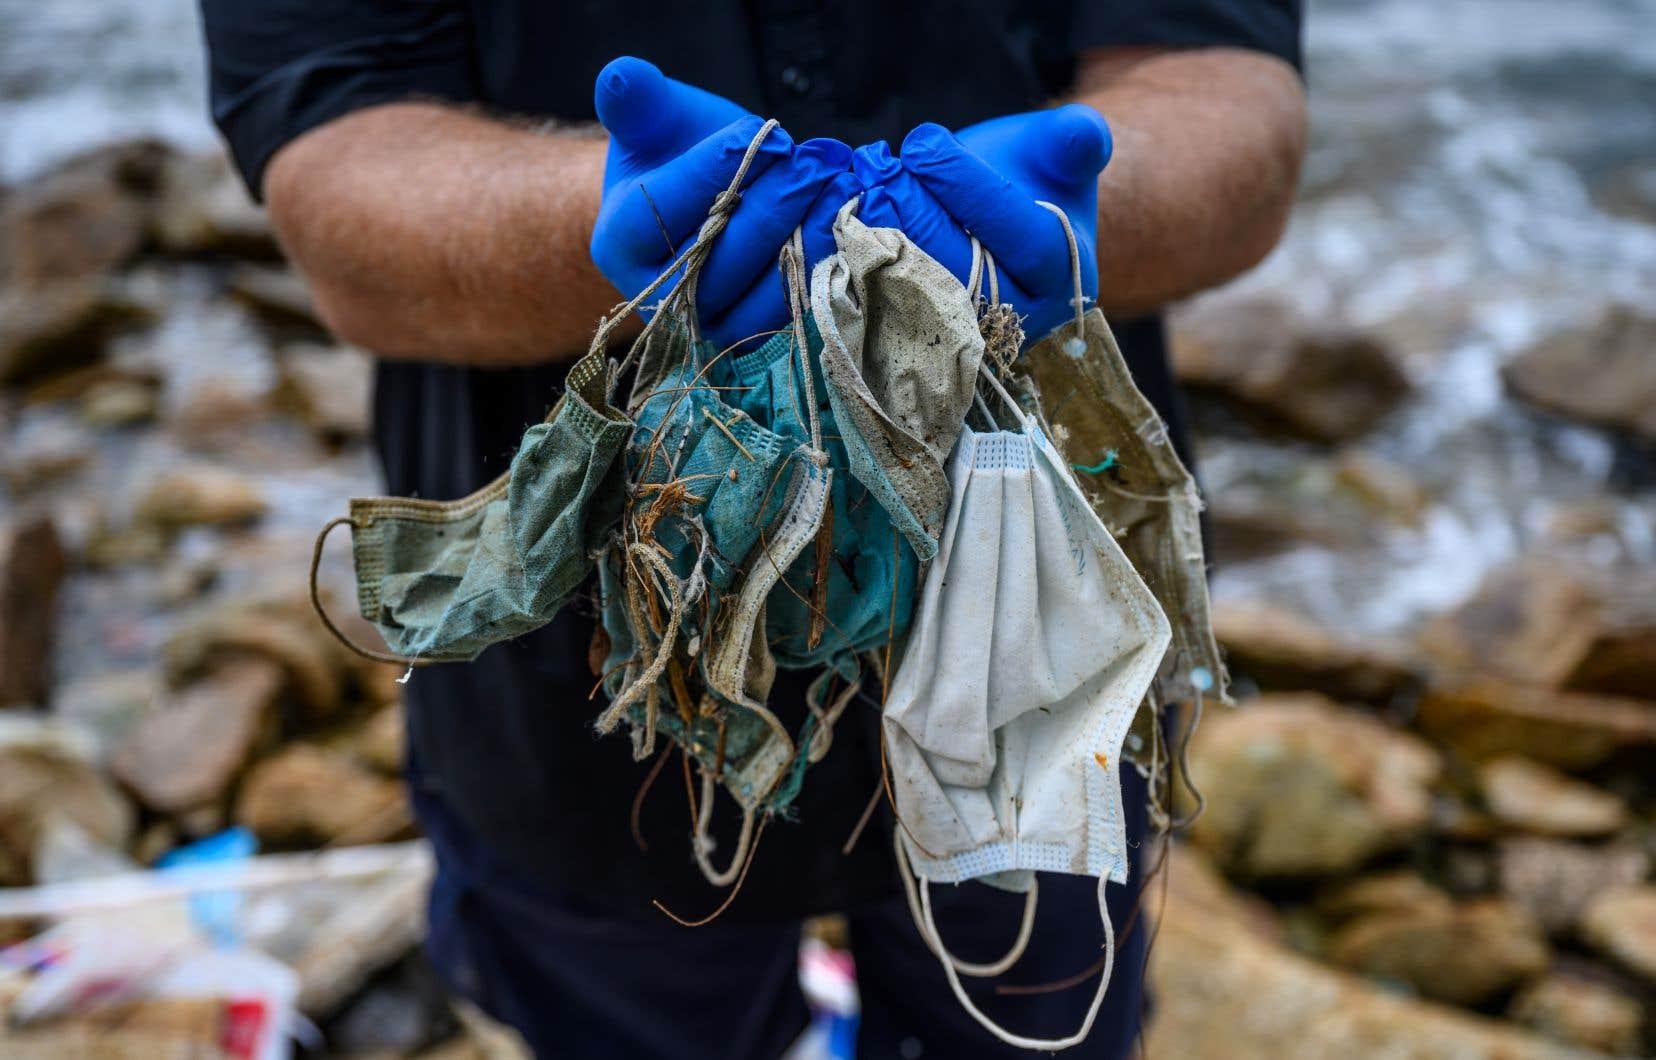 Si les mesures de confinement à l'échelle de la planète ont réduit les émissions de gaz à effet de serre, la pandémie a aussi induit des réflexes polluants. Ici, des masques jetables échoués une plage à HongKong.